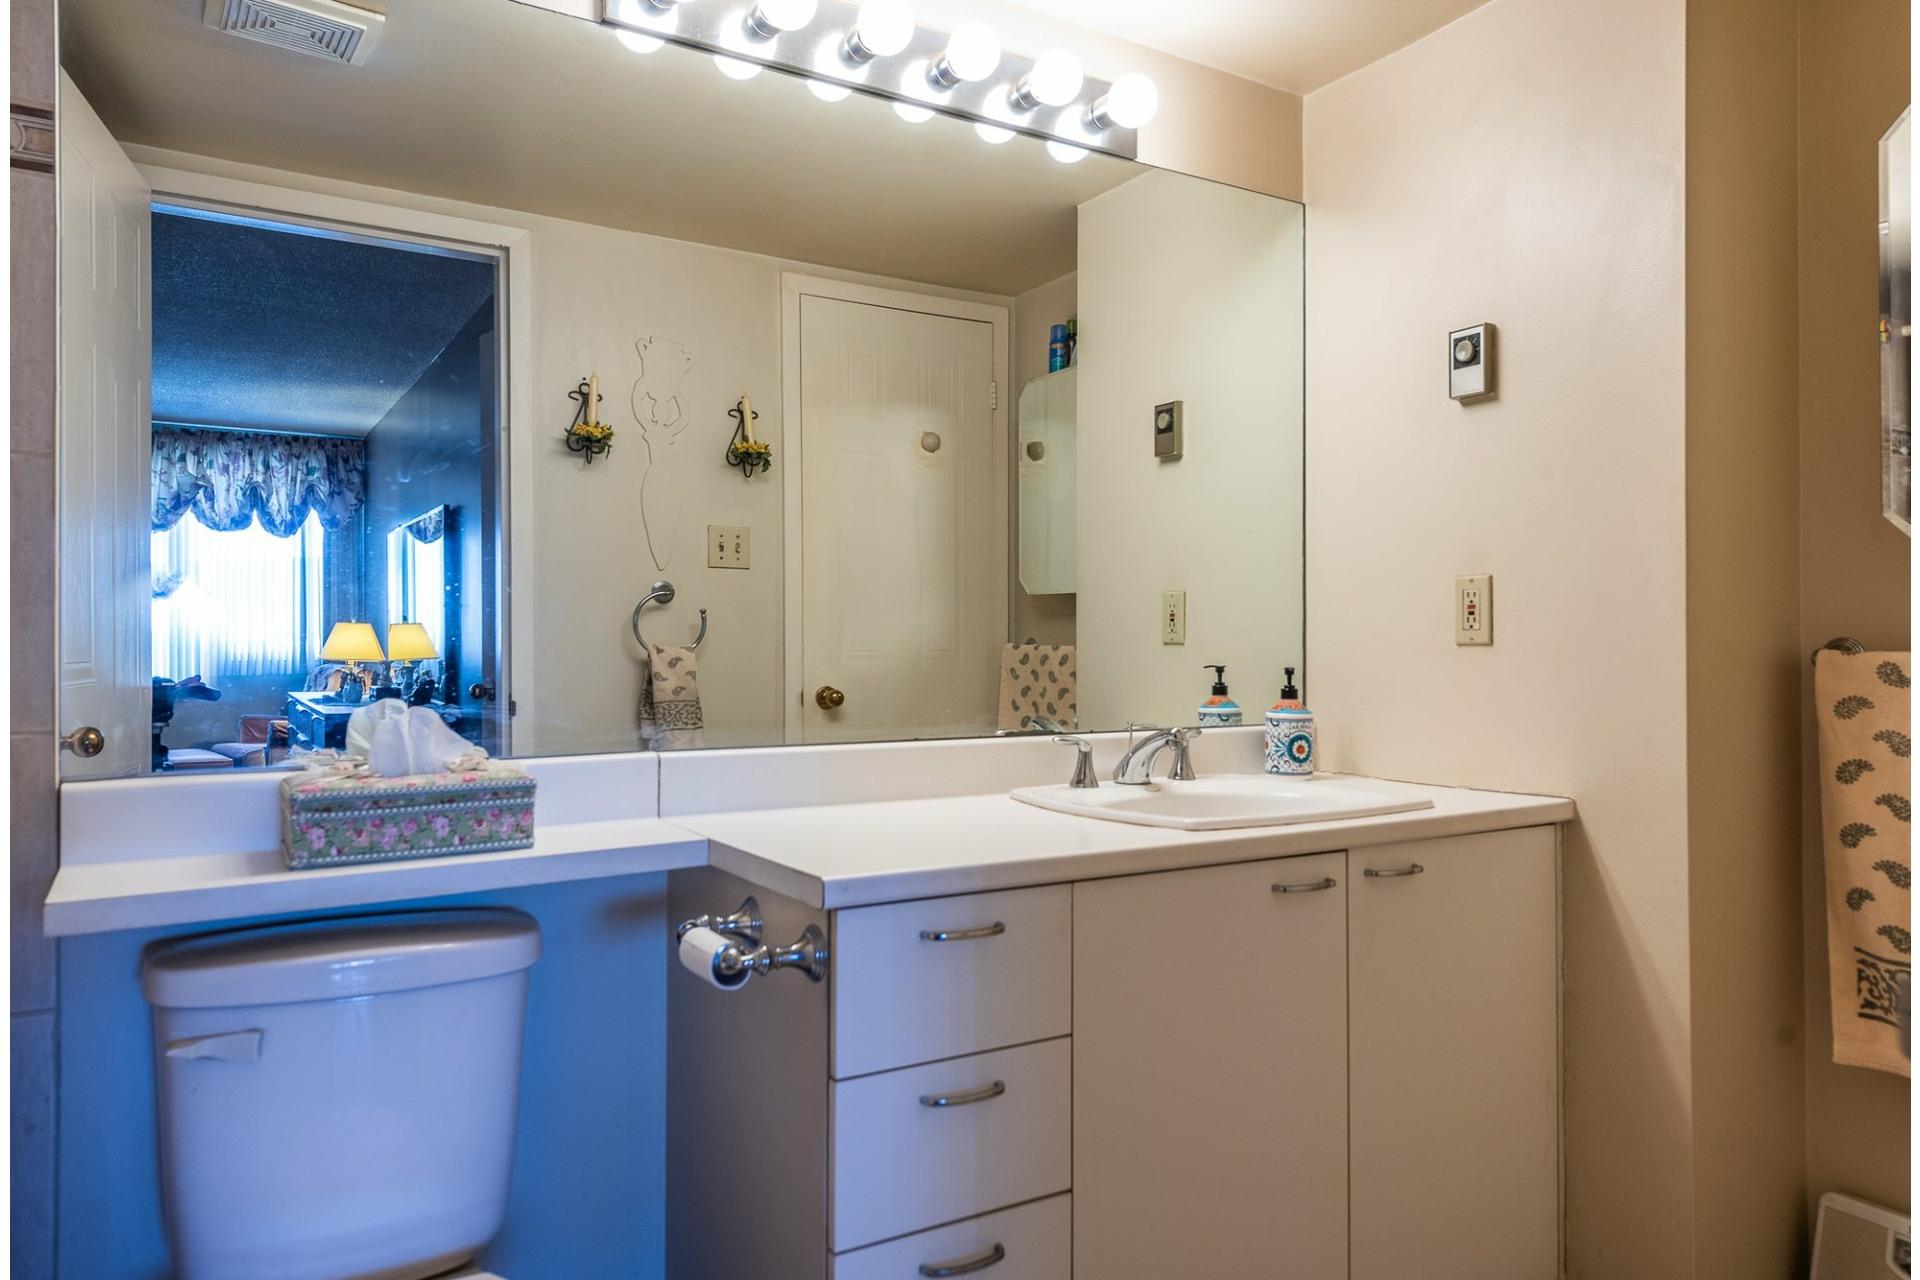 image 17 - Apartment For sale Montréal Saint-Laurent  - 5 rooms